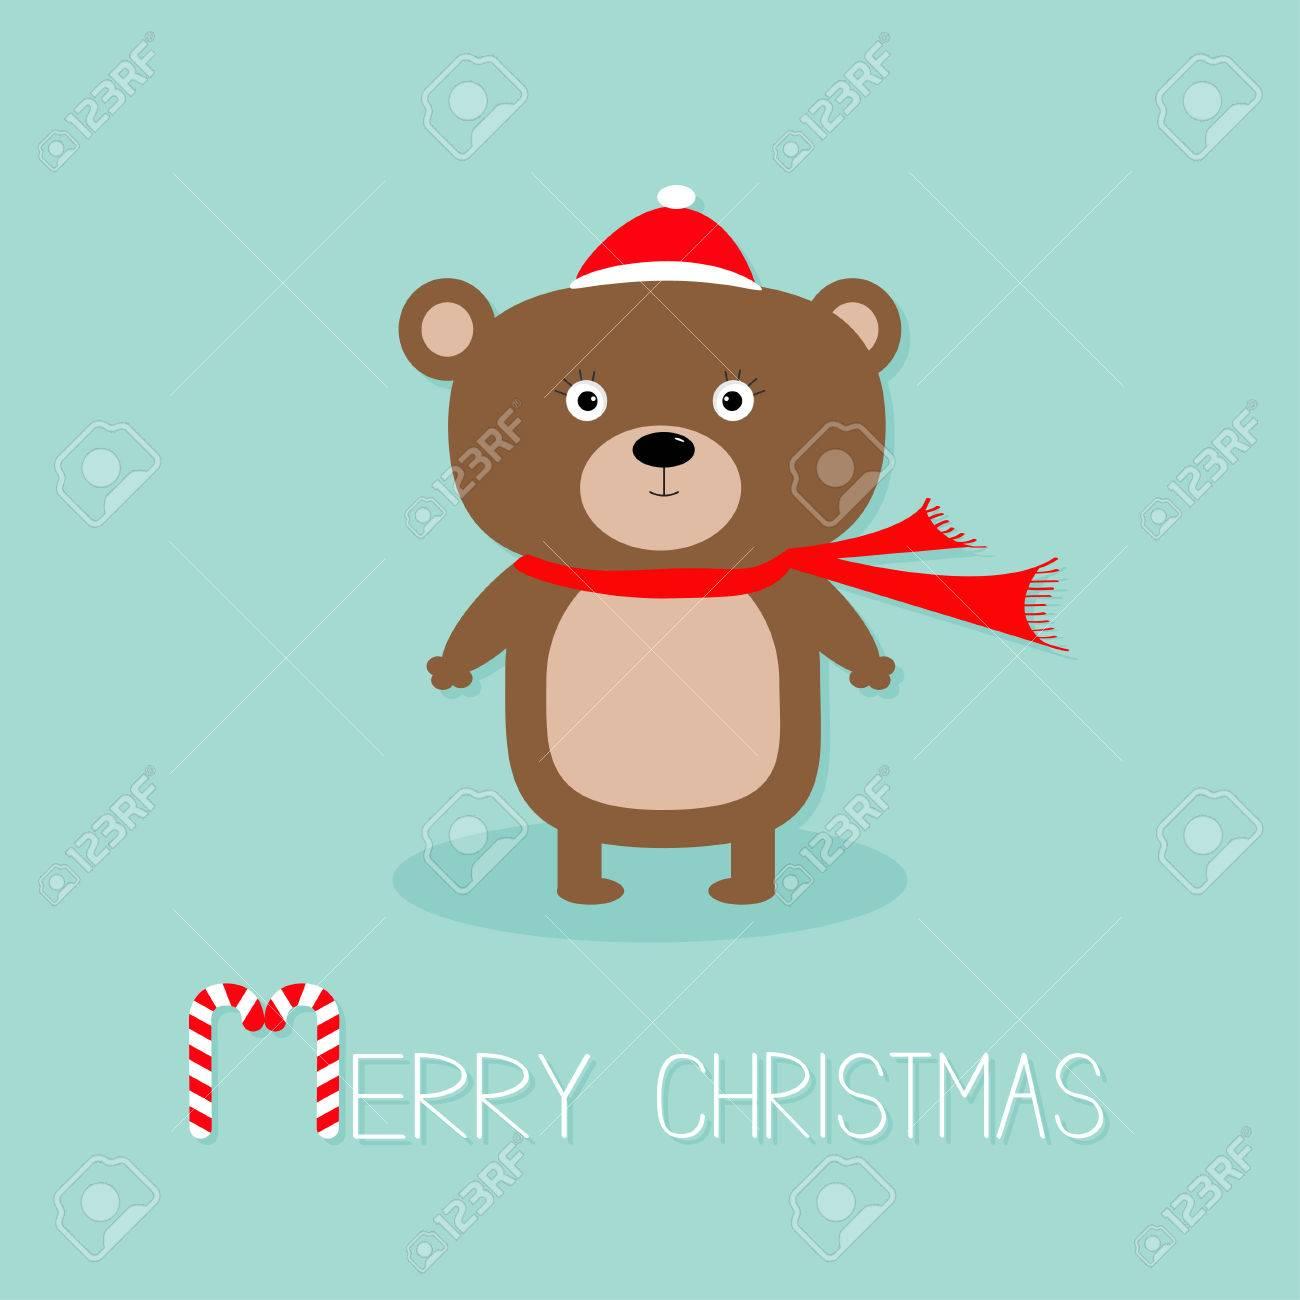 Joyeux Noel Petit Ours Brun.Ours Brun Mignon En Chapeau De Pere Noel Et Une Echarpe Sucre D Orge Carte De Voeux Joyeux Noel Fond Bleu Design Plat Vector Illustration